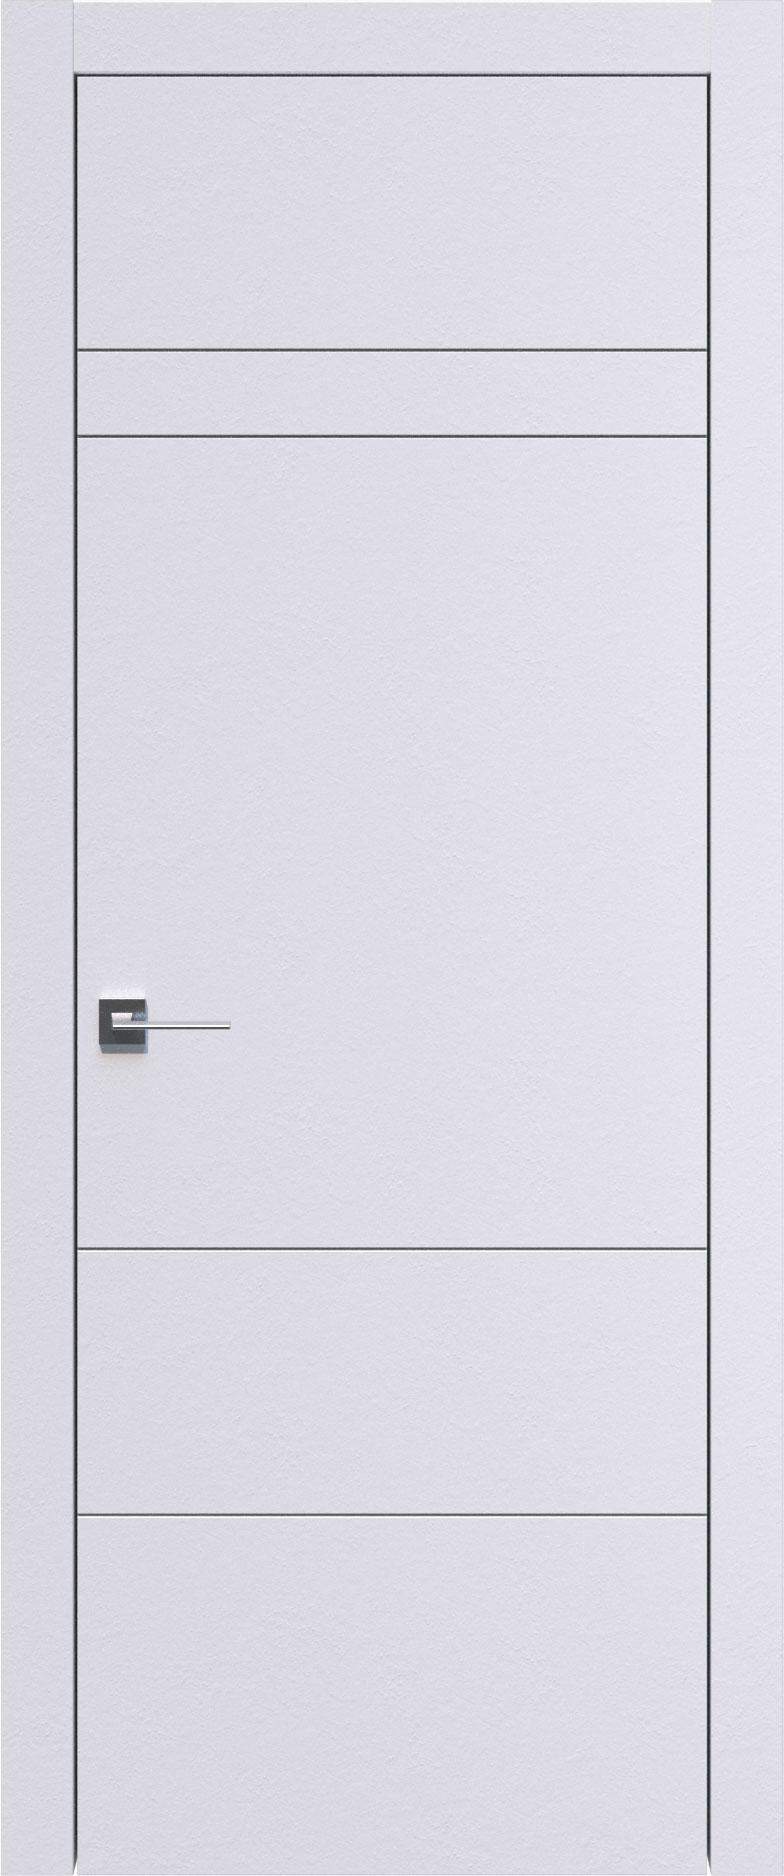 Tivoli К-2 цвет - Арктик белый Без стекла (ДГ)